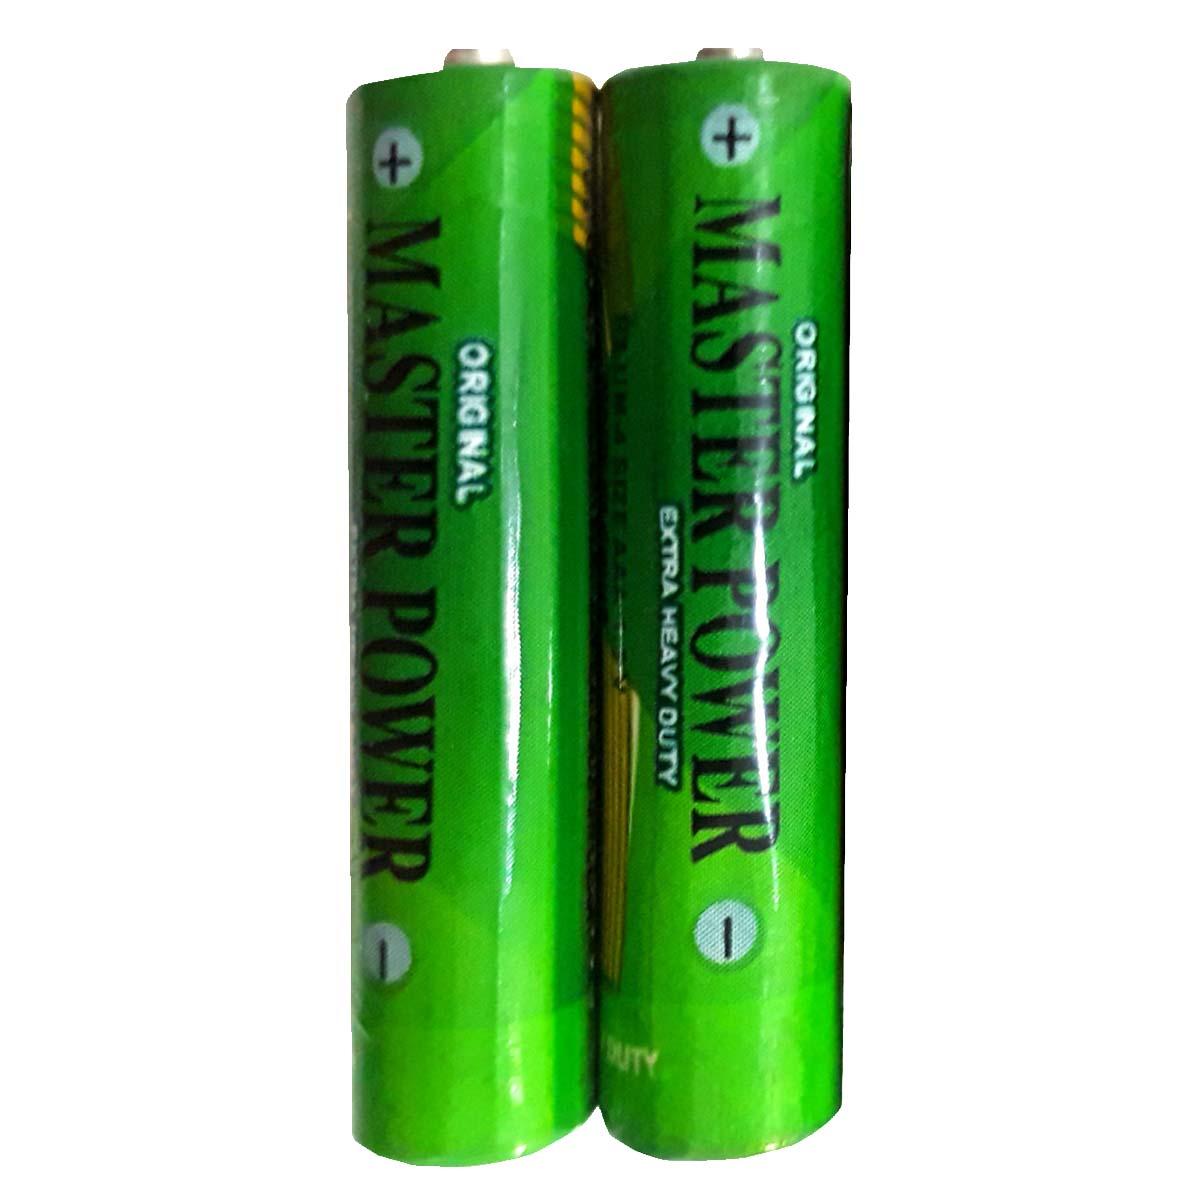 بررسی و {خرید با تخفیف}                                     باتری نیم قلمی مستر پاور کد 01 بسته 2 عددی                             اصل